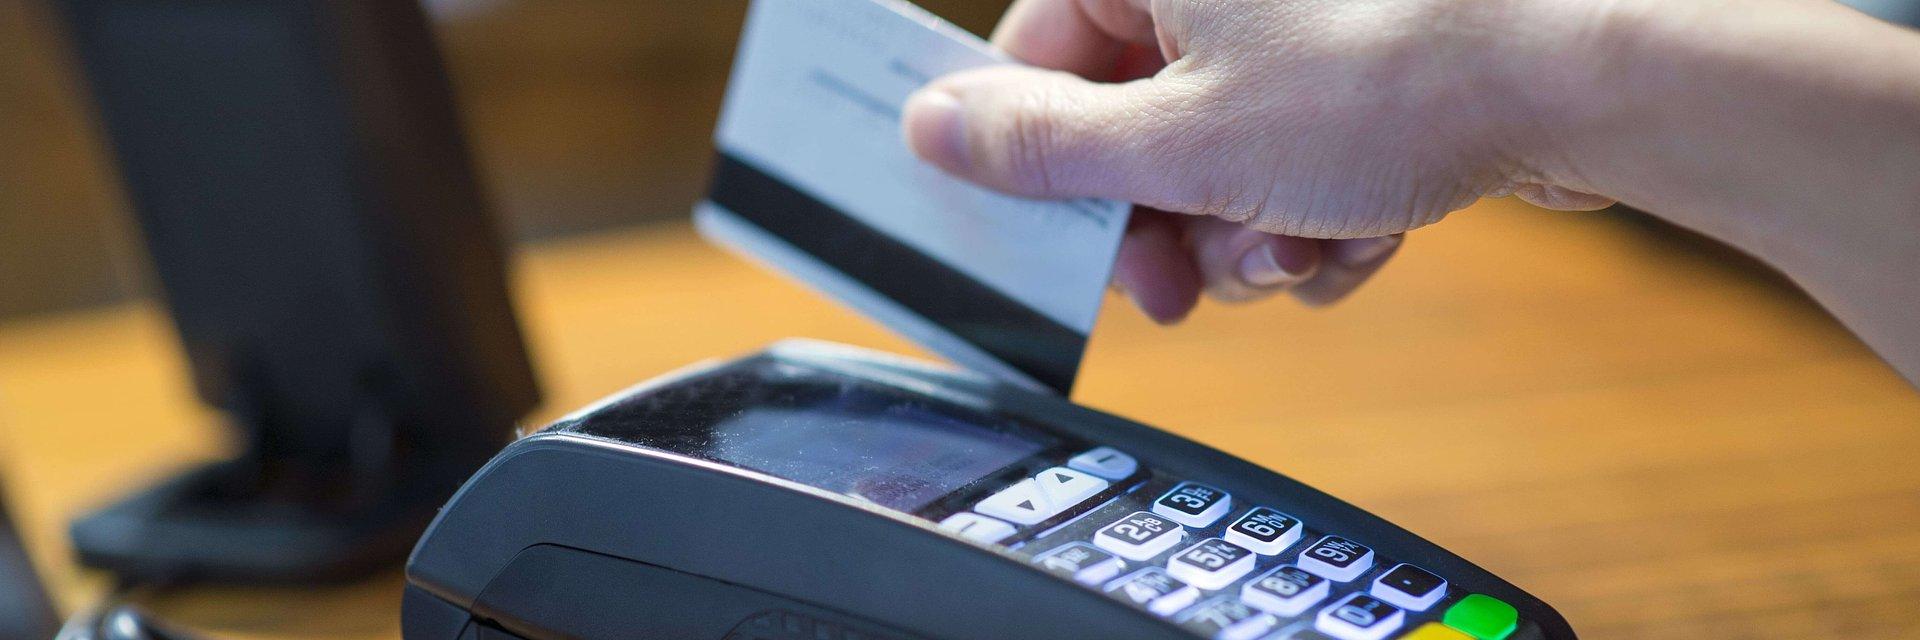 Powroty bywają trudne, ale ułatwi je karta kredytowa